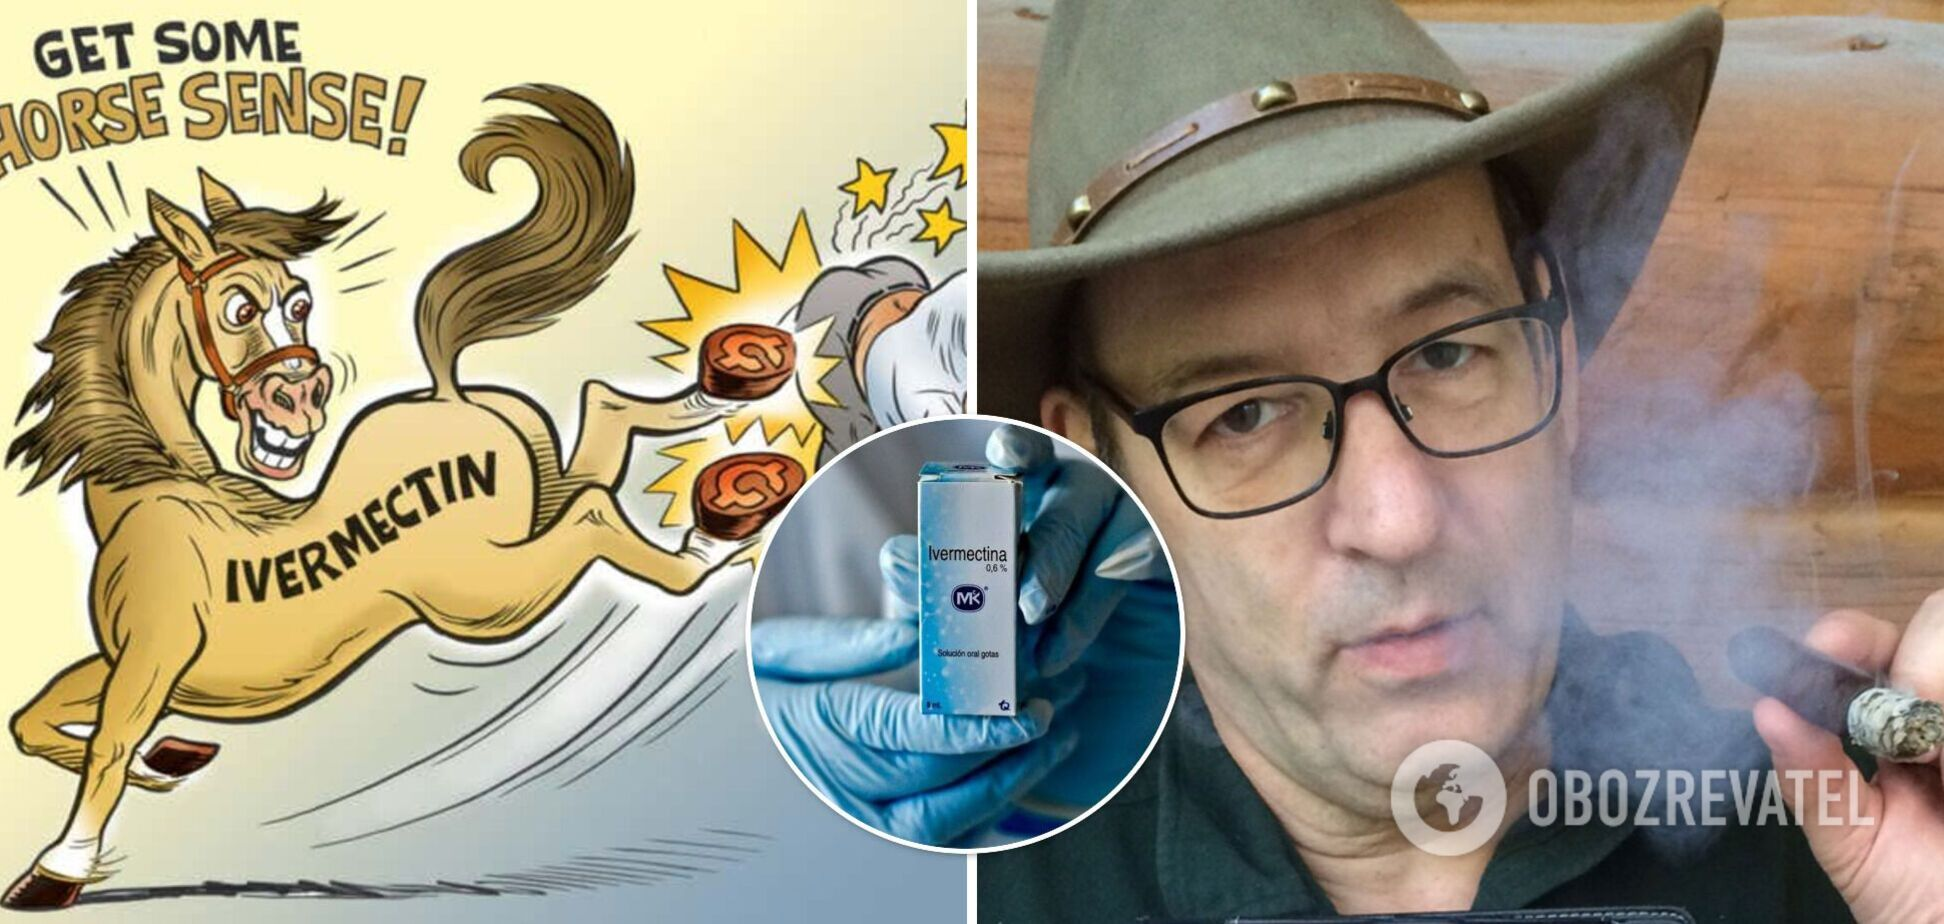 В США карикатурист-антивакцинатор заболел COVID-19: лечится витаминами и препаратом для лошадей